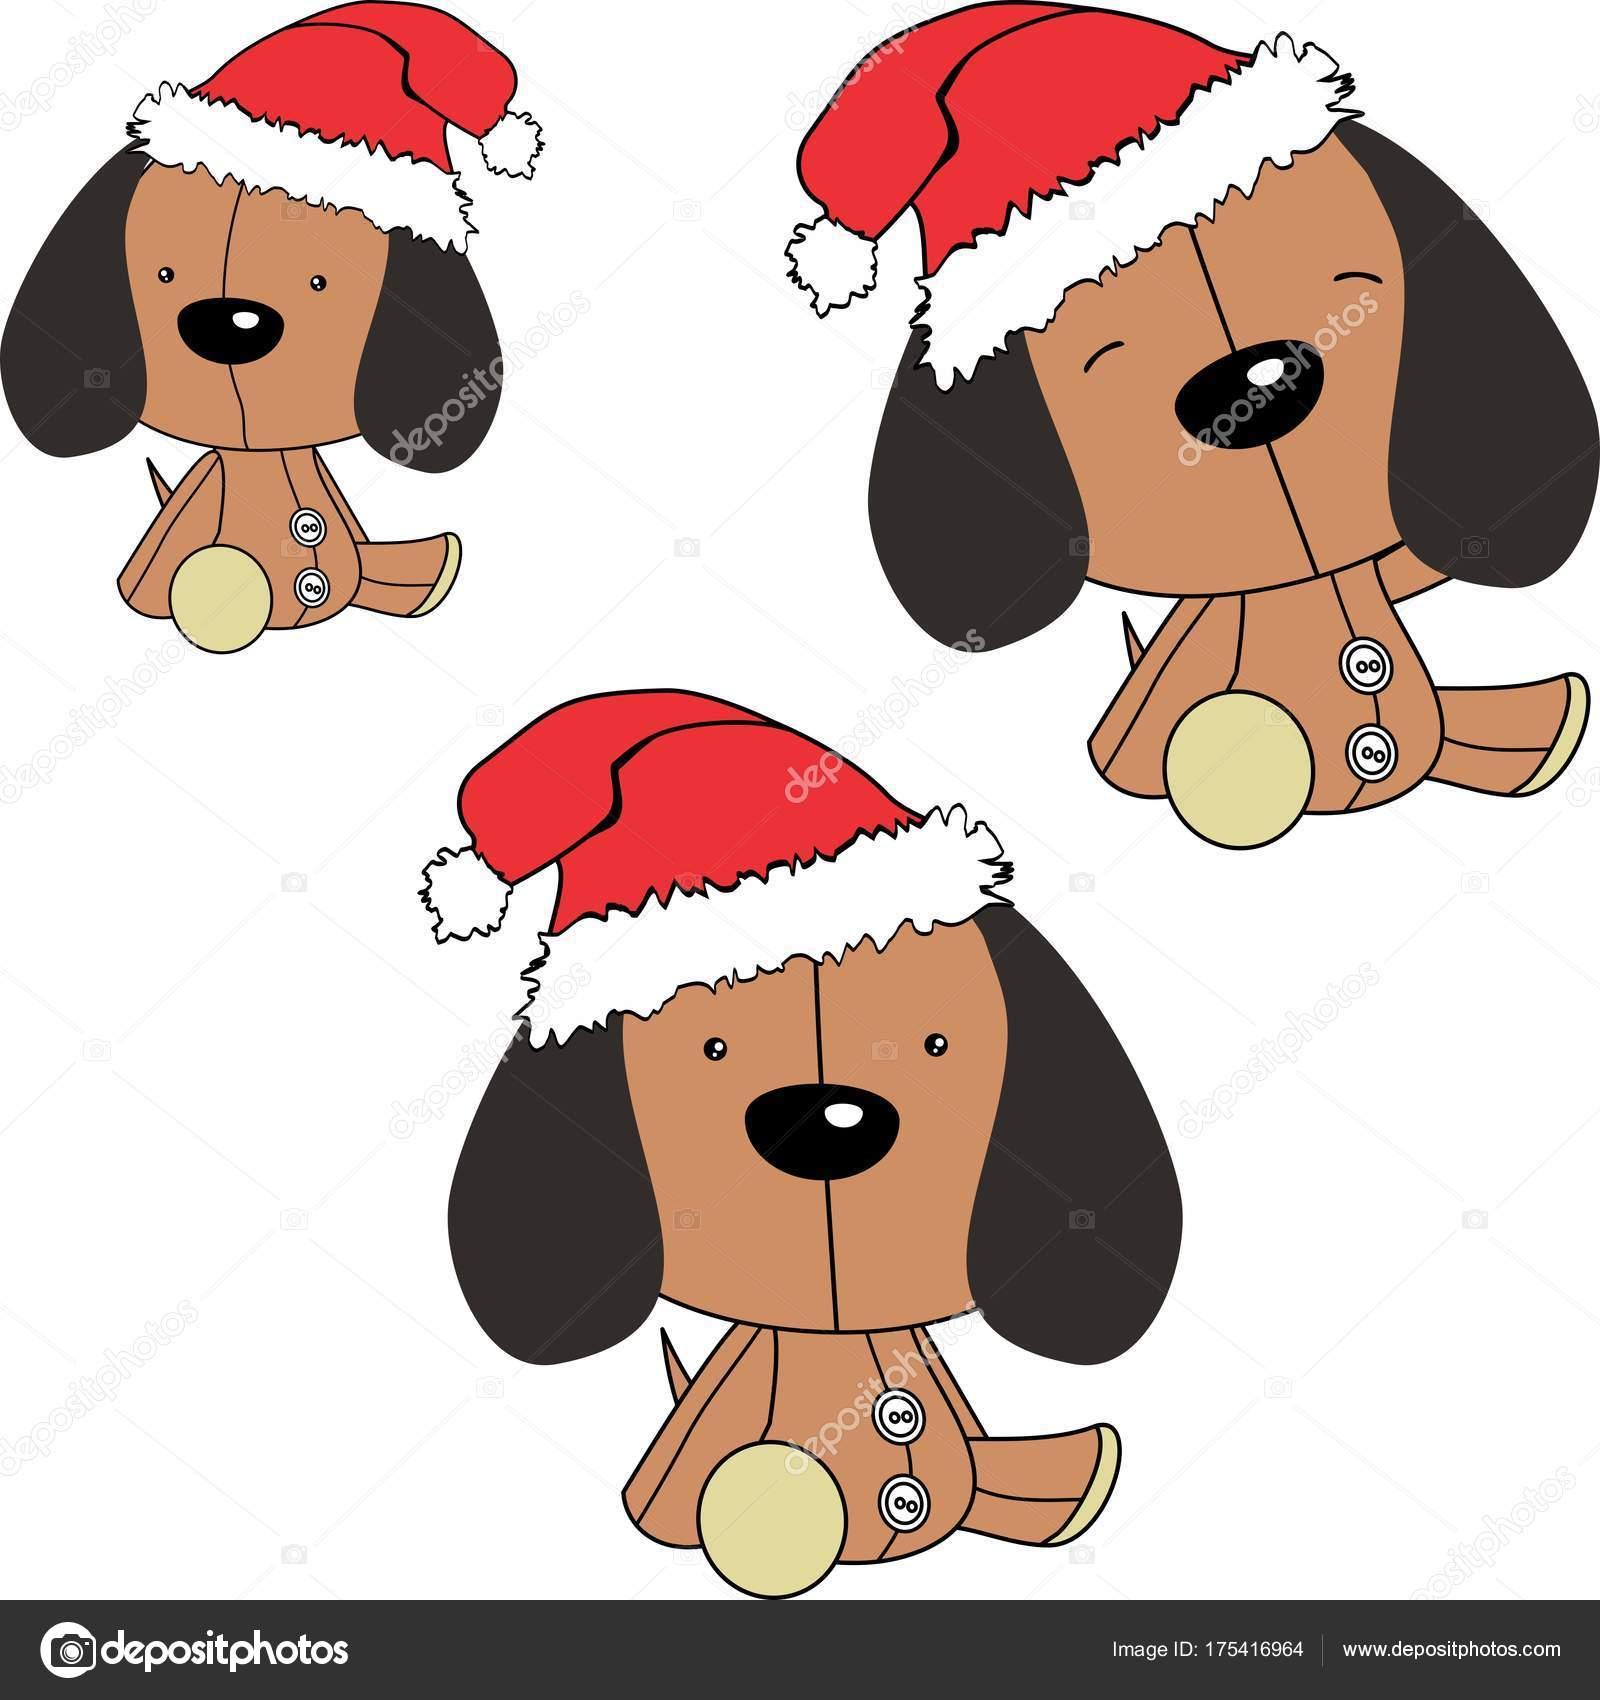 Animado Dibujo De Perrito Bebe Perrito Bebé Sit Navidad Dibujos